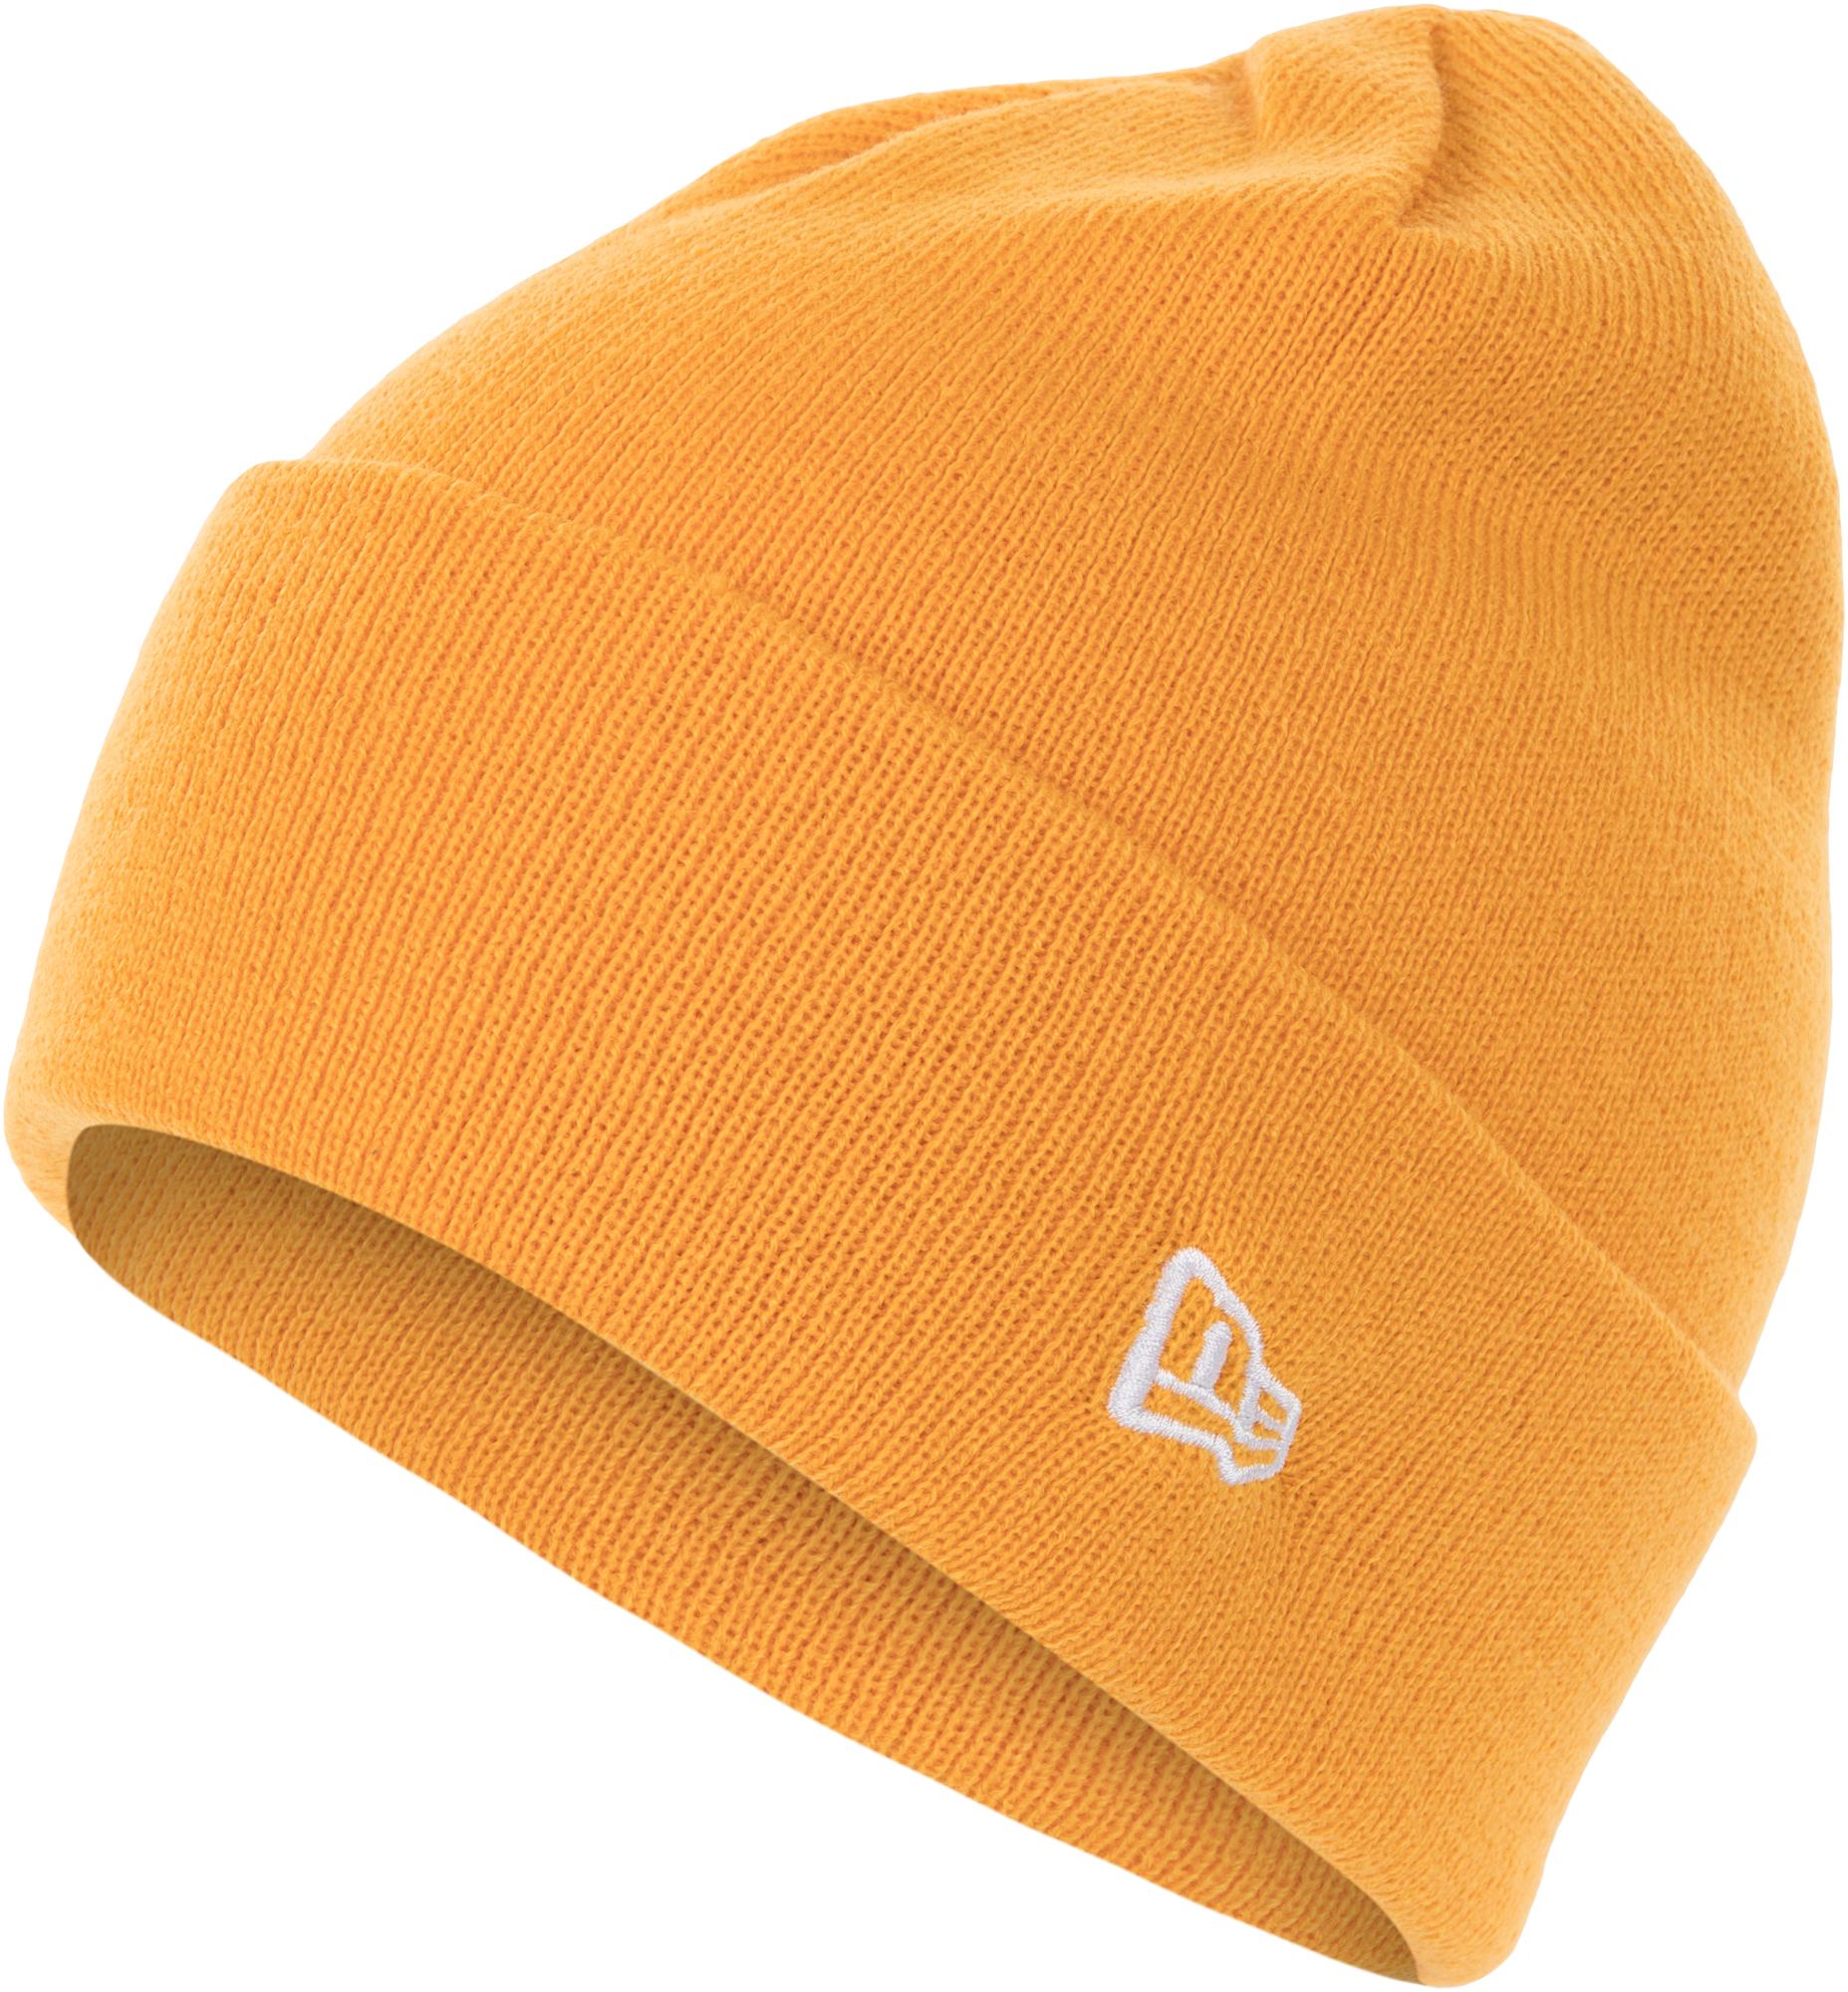 New Era Шапка мужская New Era Ess Cuff Knit new era шапка new era lic 801 essential cuff knit размер без размера